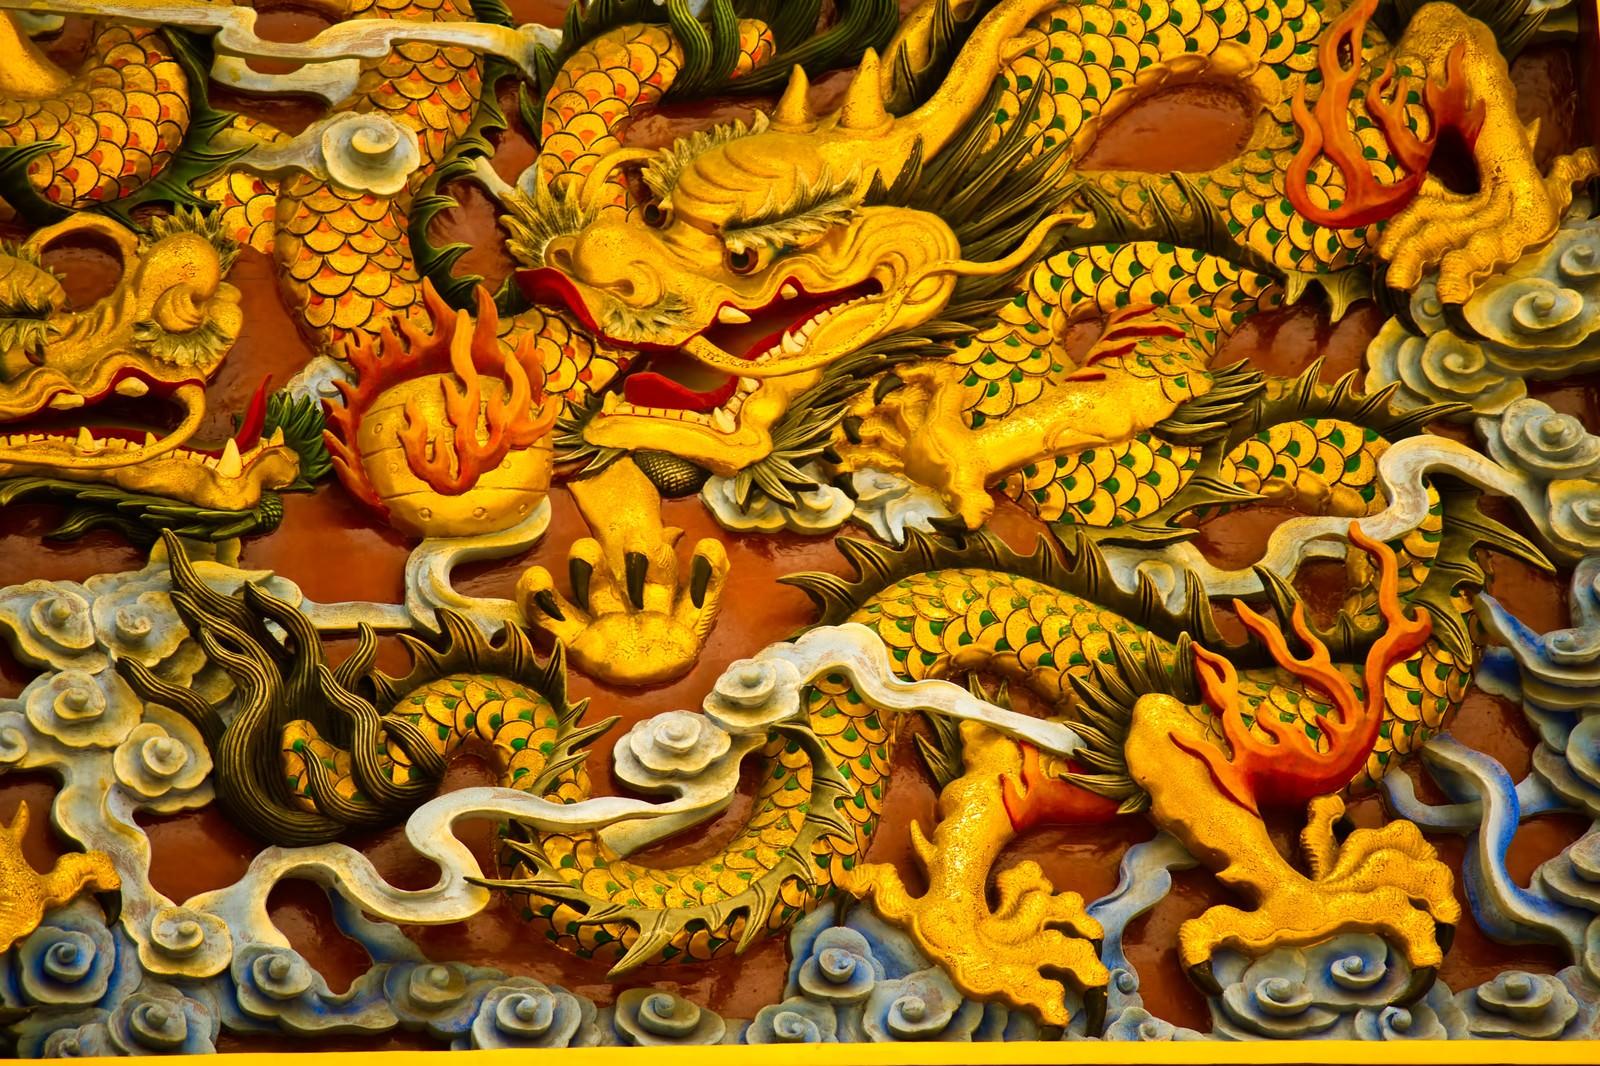 「中華街の龍の彫刻」の写真